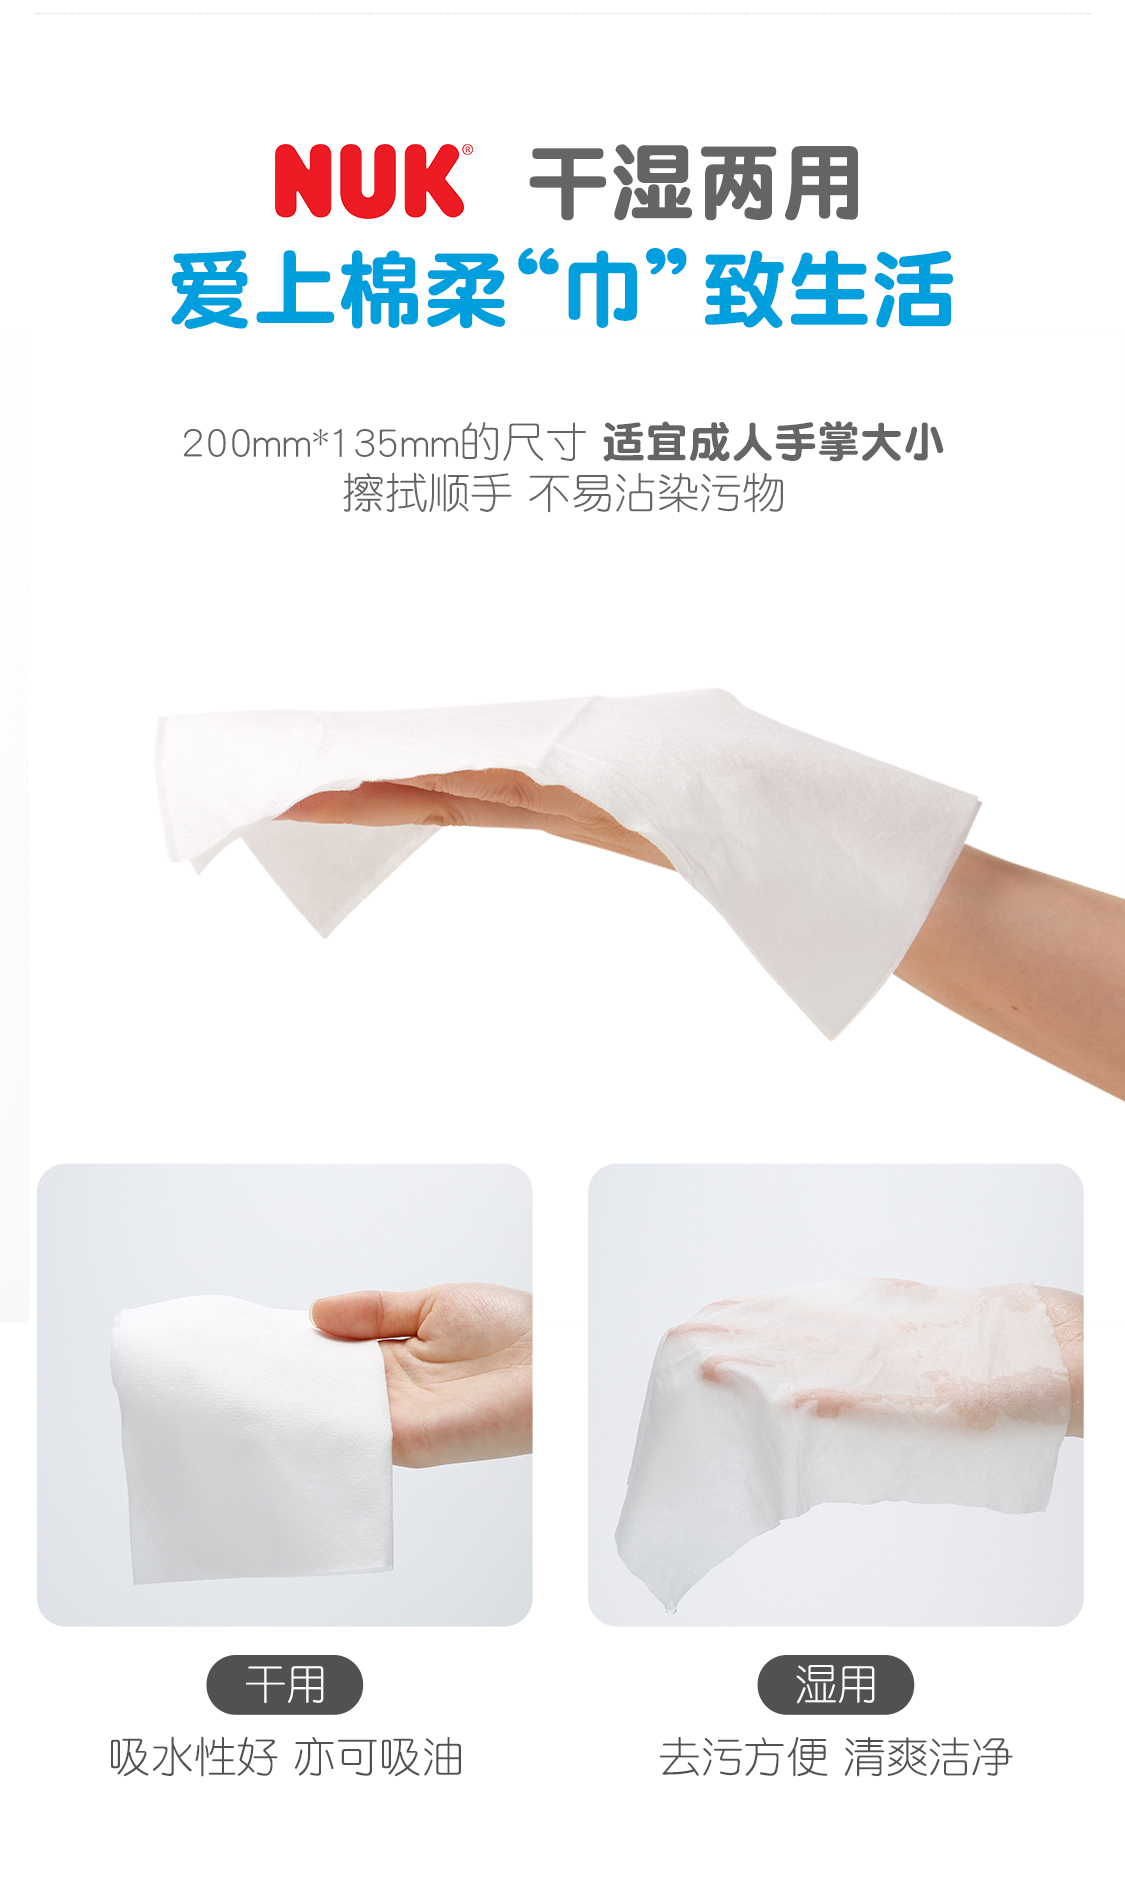 NUK婴儿纯棉柔巾宝宝抽纸巾 新生儿干湿两用抽纸巾 一次性洗脸巾卸妆棉 80片装单包20*13.5cm(加大加厚款)